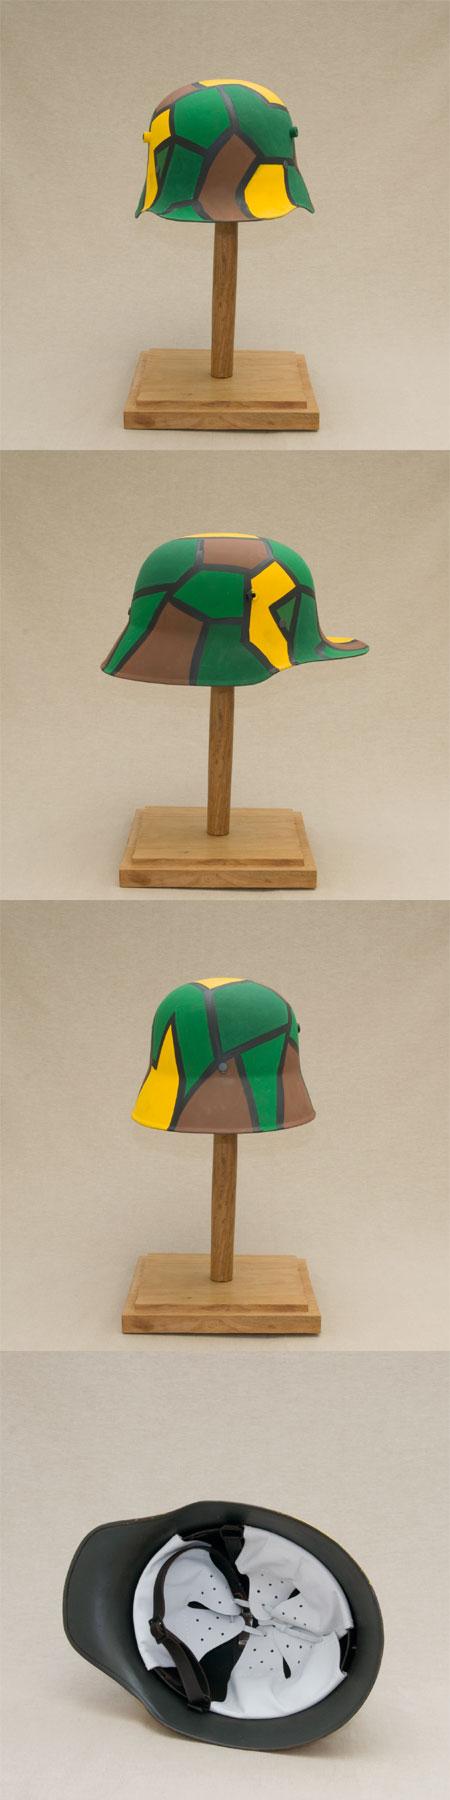 helmet to helmet. Helmet size is quot;Kopfweite